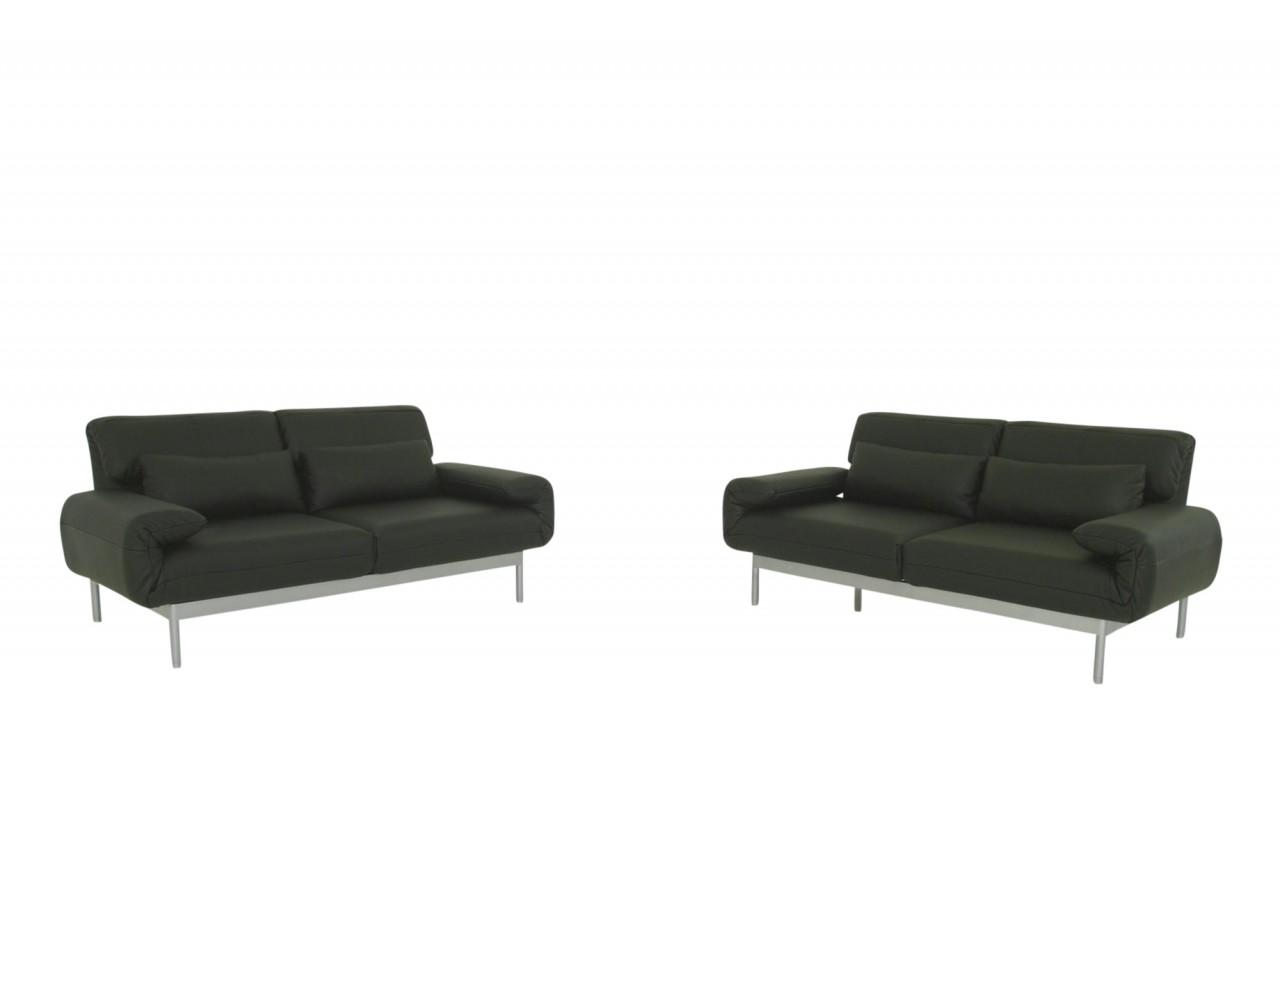 ROLF BENZ PLURA Sofa in schwarzen Leder, Relaxrücken und silbernen Füßen im SONDERANGEBOT